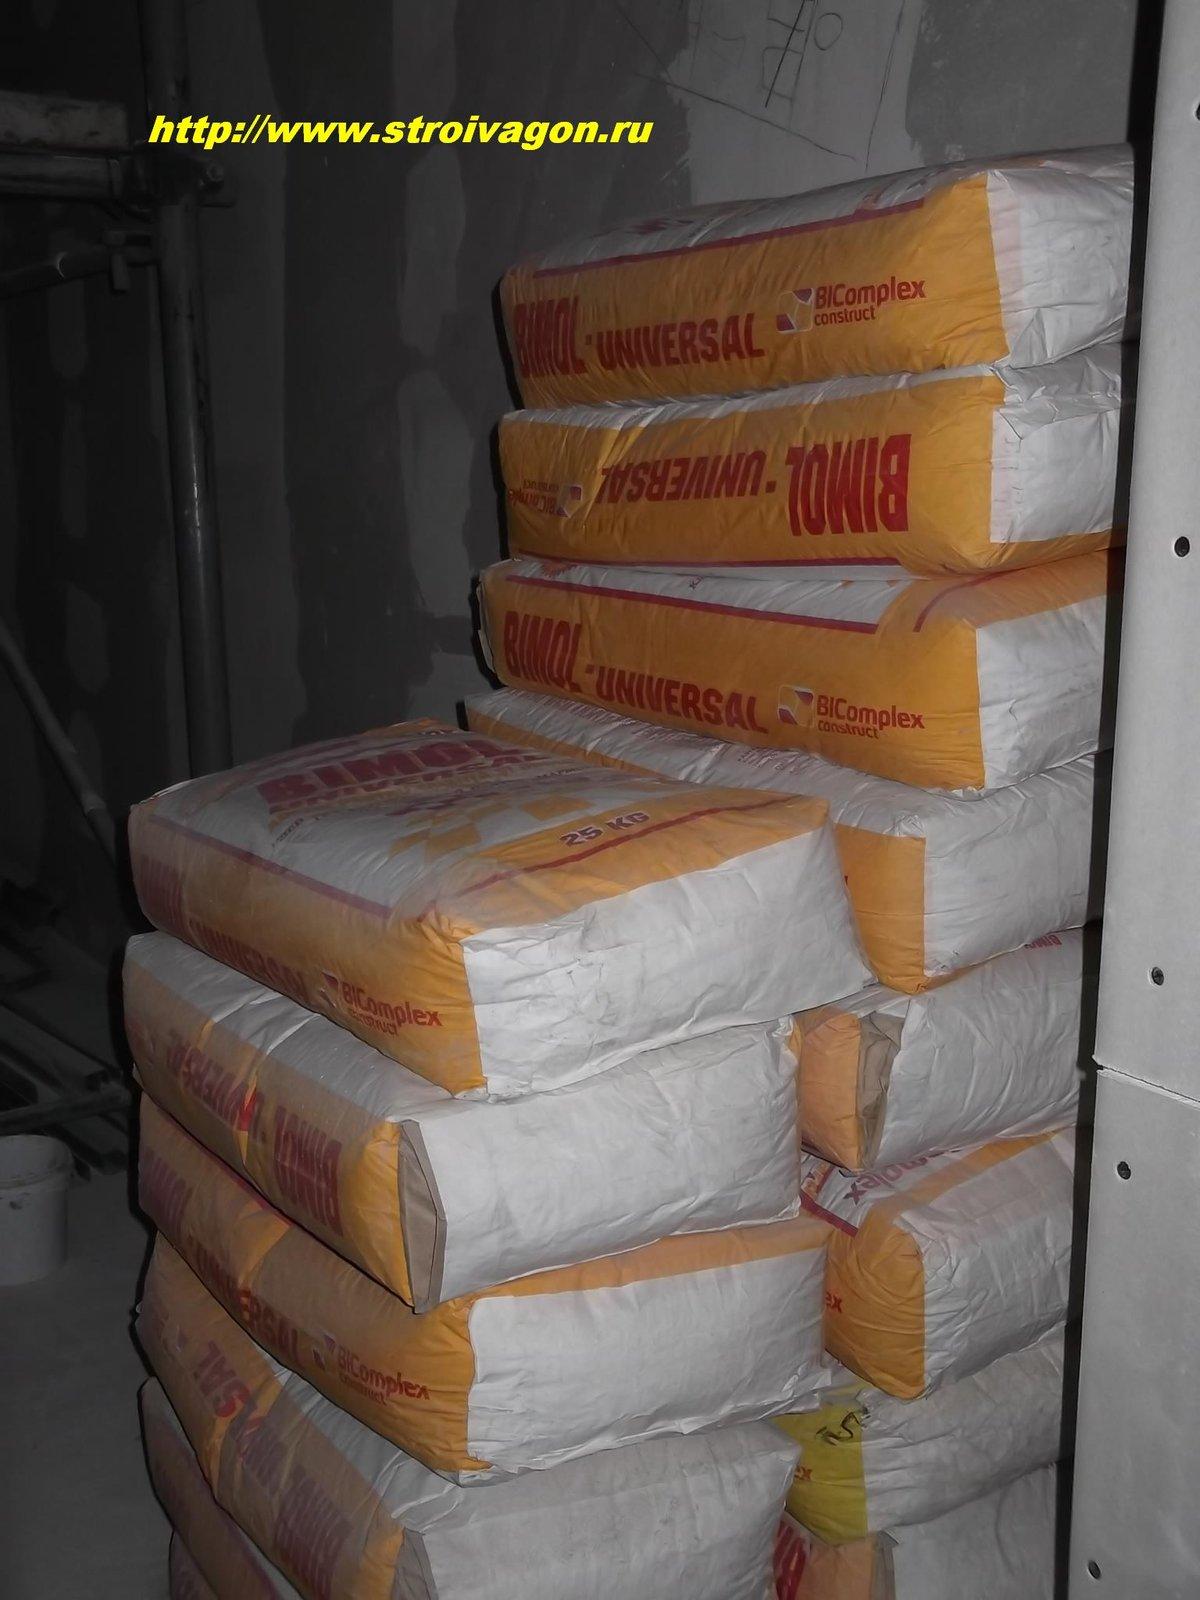 как хранить цемент в домашних условиях